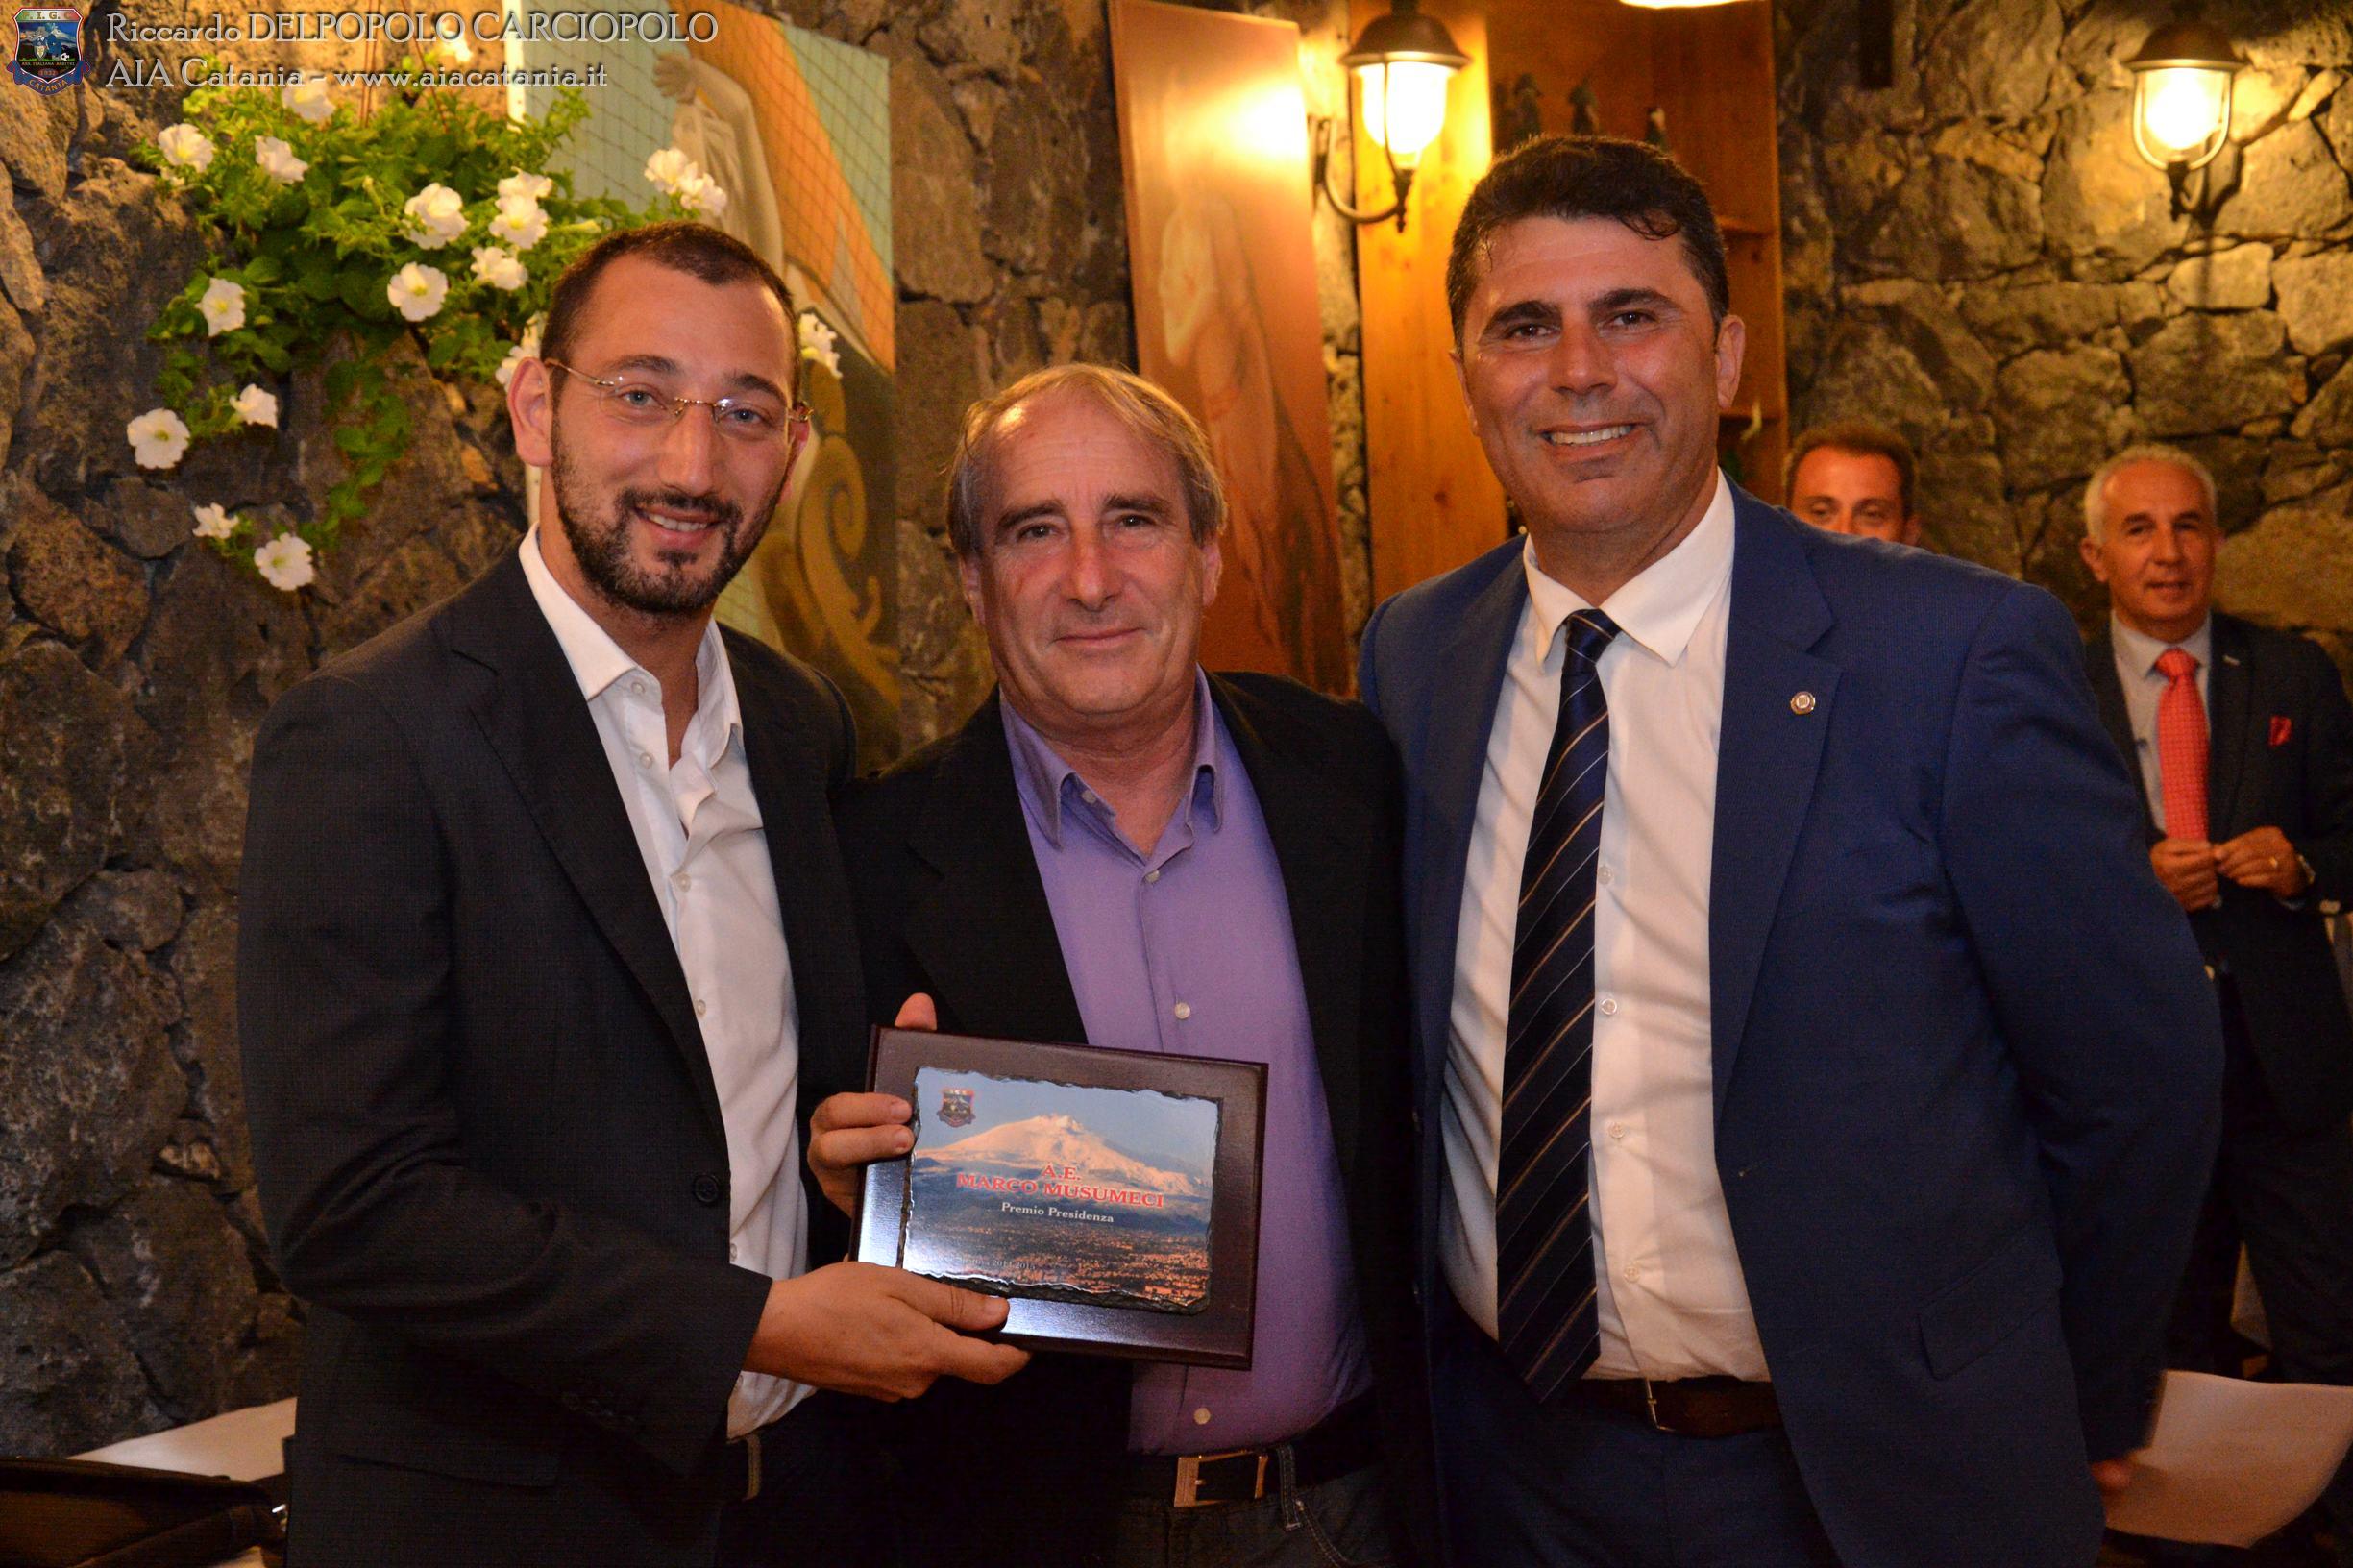 A.E. C5 Marco MUSUMECI premiato col Premio presidenza AE C5 da Carmelo PERGOLIZZI, delegato provinciale FIGC Catania.